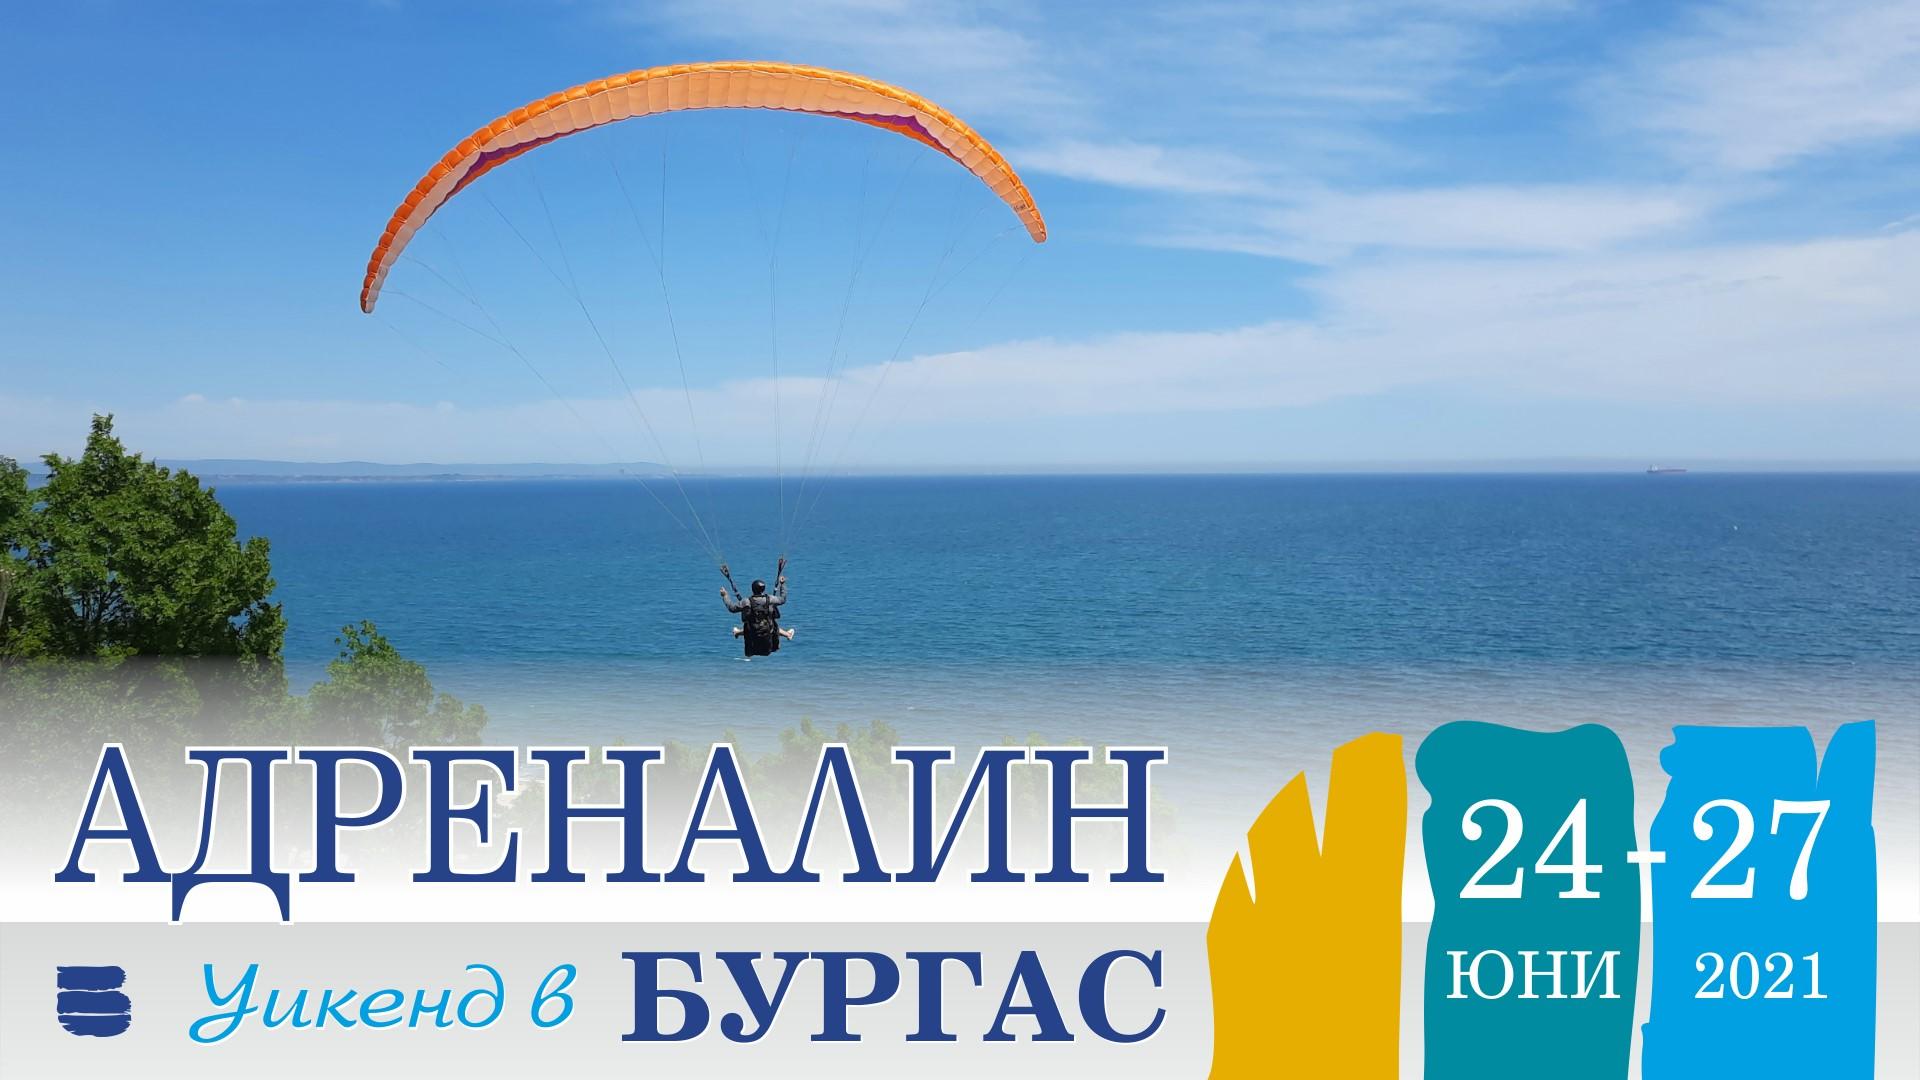 Адреналиновый уикенд/Биле Фест в Бургасе 24 - 27 июня